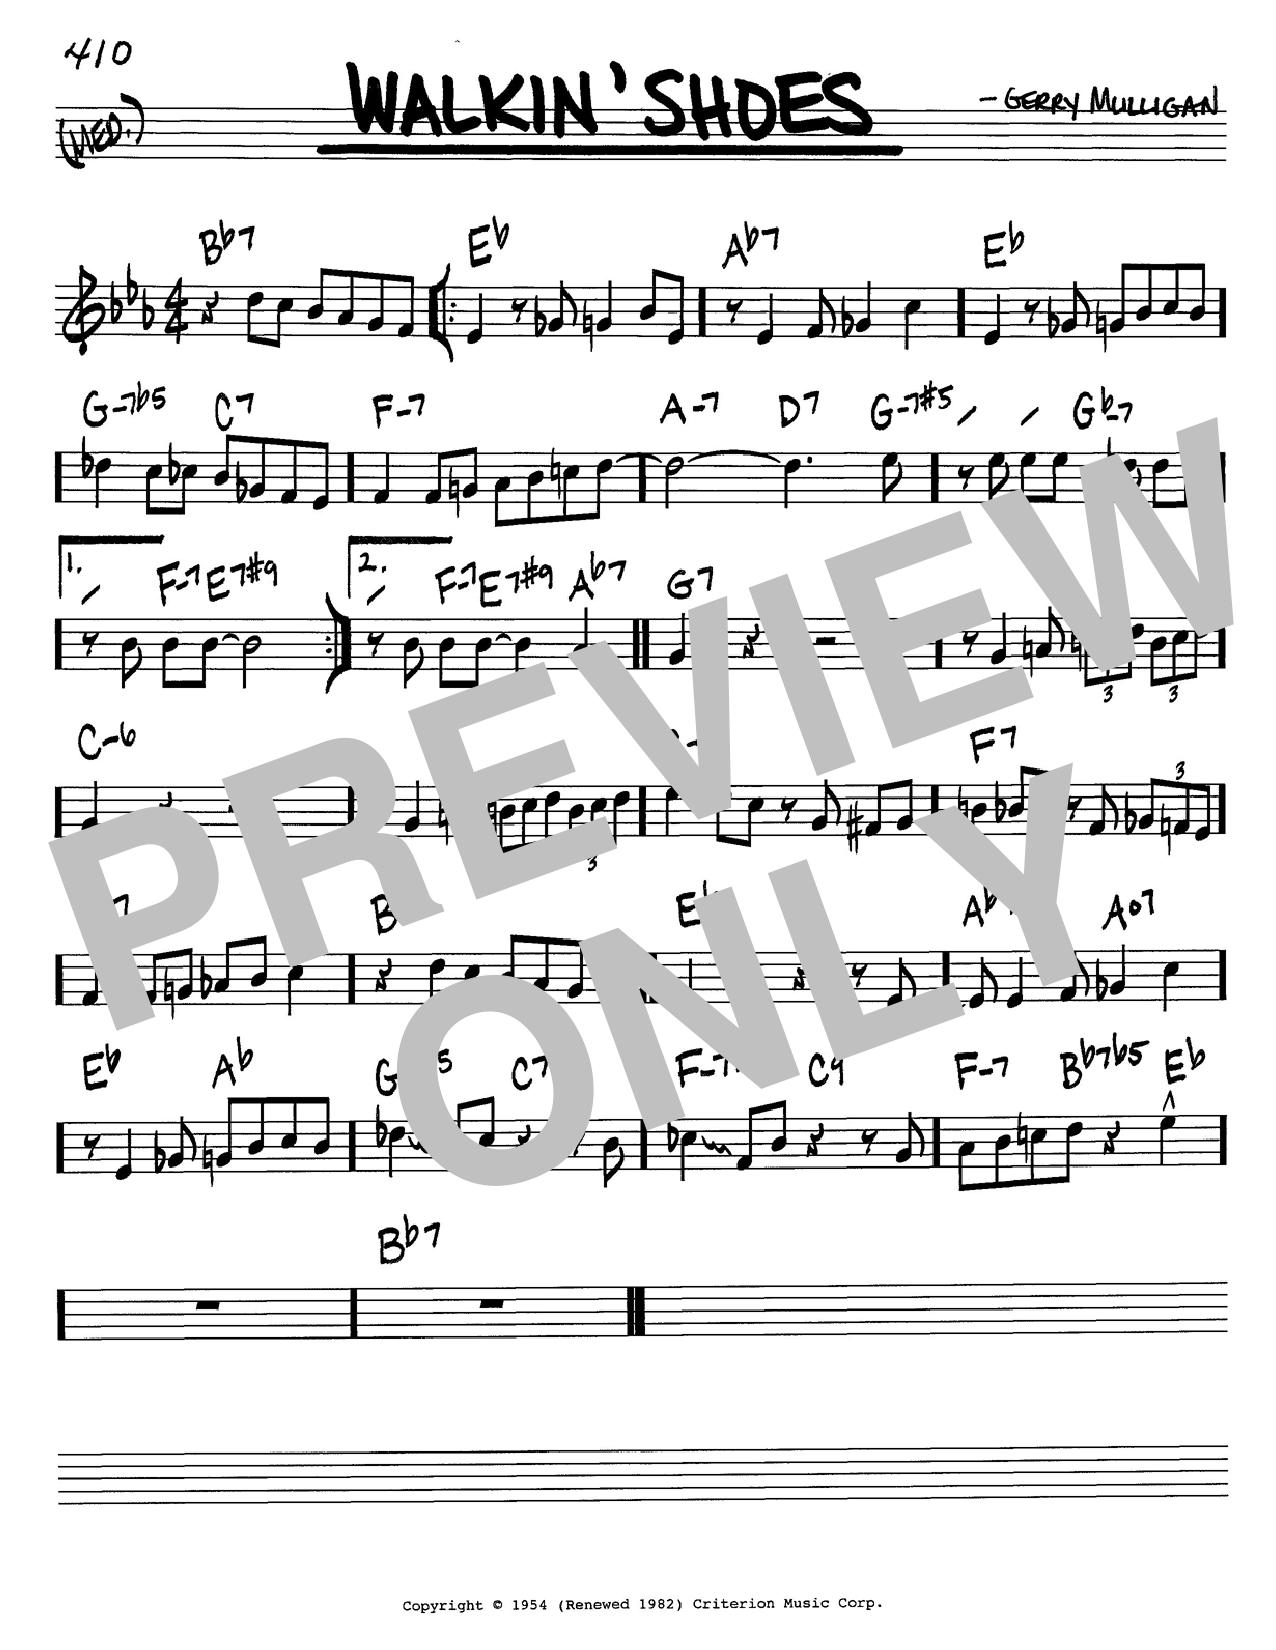 Gerry Mulligan Walkin' Shoes sheet music notes printable PDF score